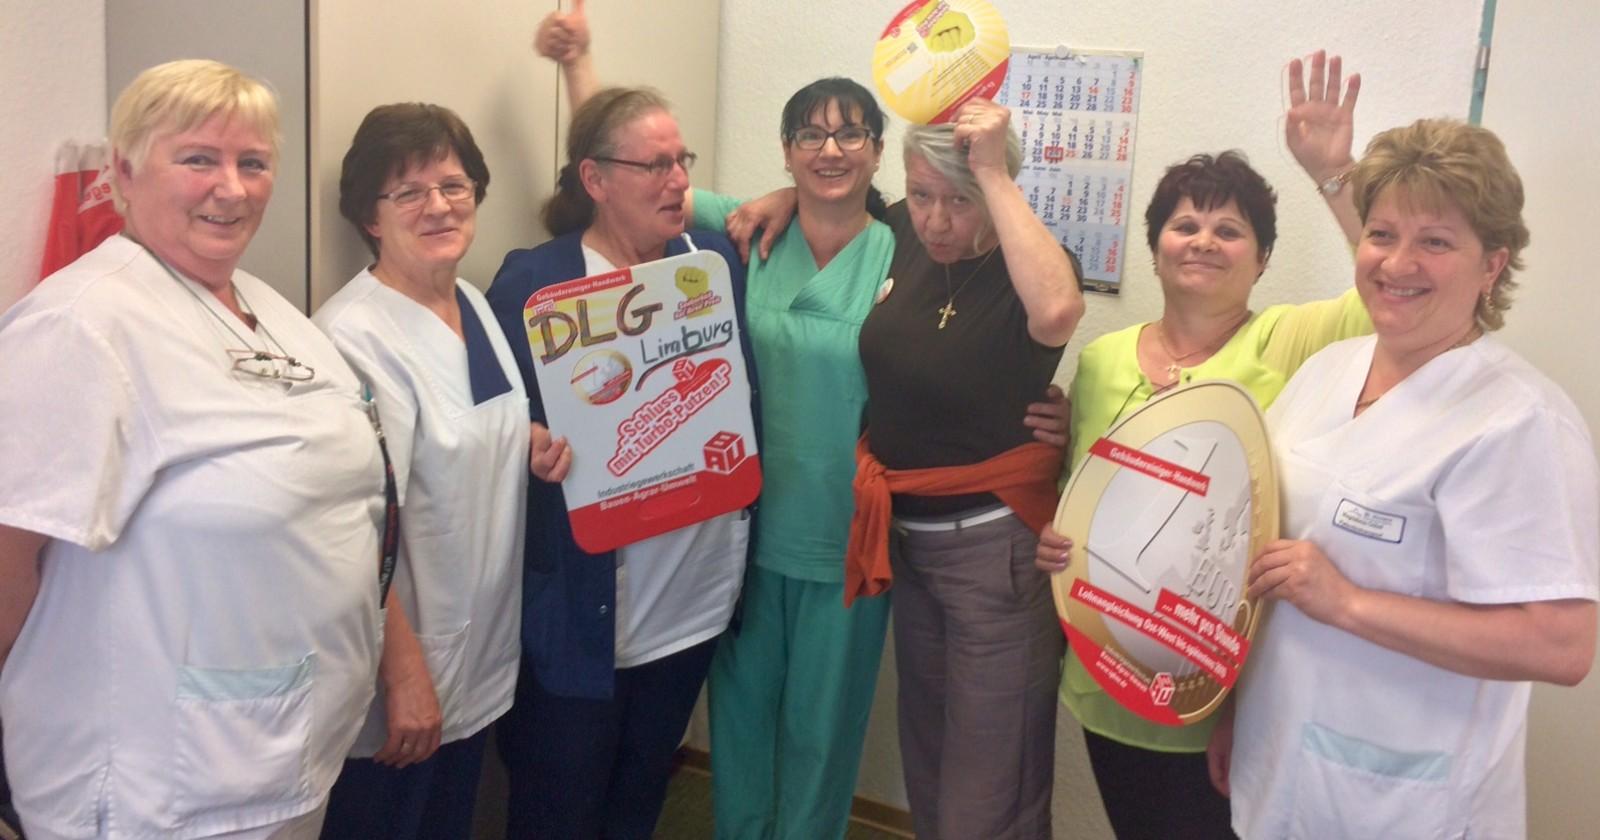 DLG Betriebsrat im Krankenhaus Limburg steht zur Tarifforderung der IG BAU